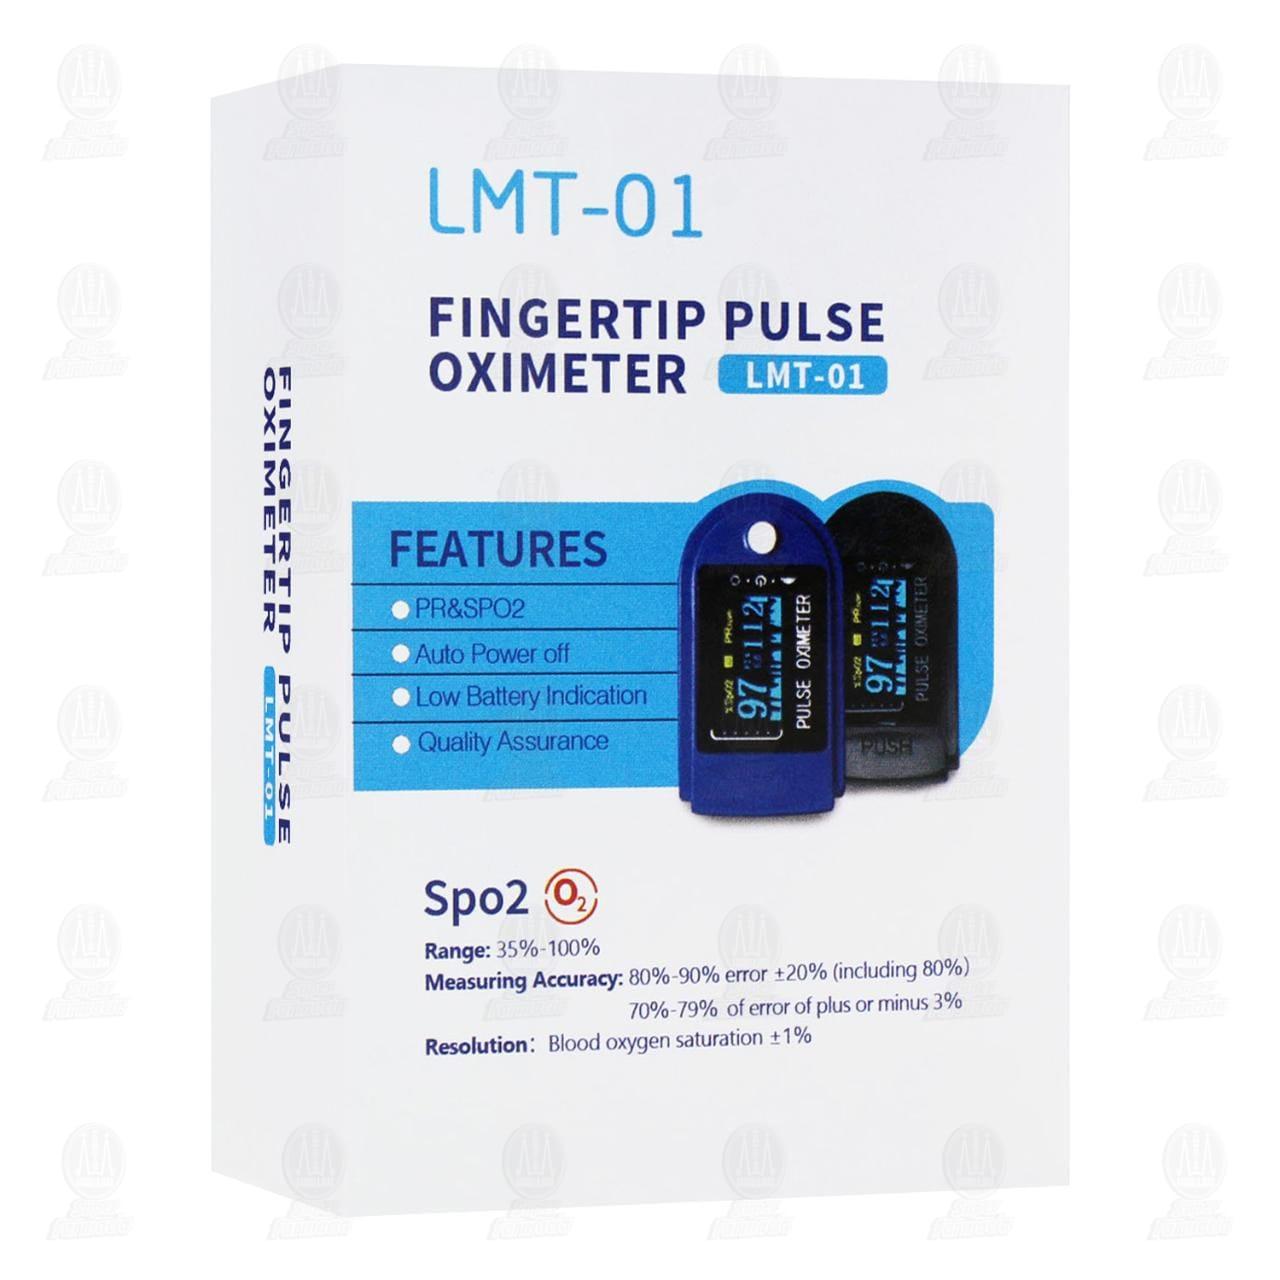 Comprar Oxímetro Digital de Pulso LMT-01 en Farmacias Guadalajara